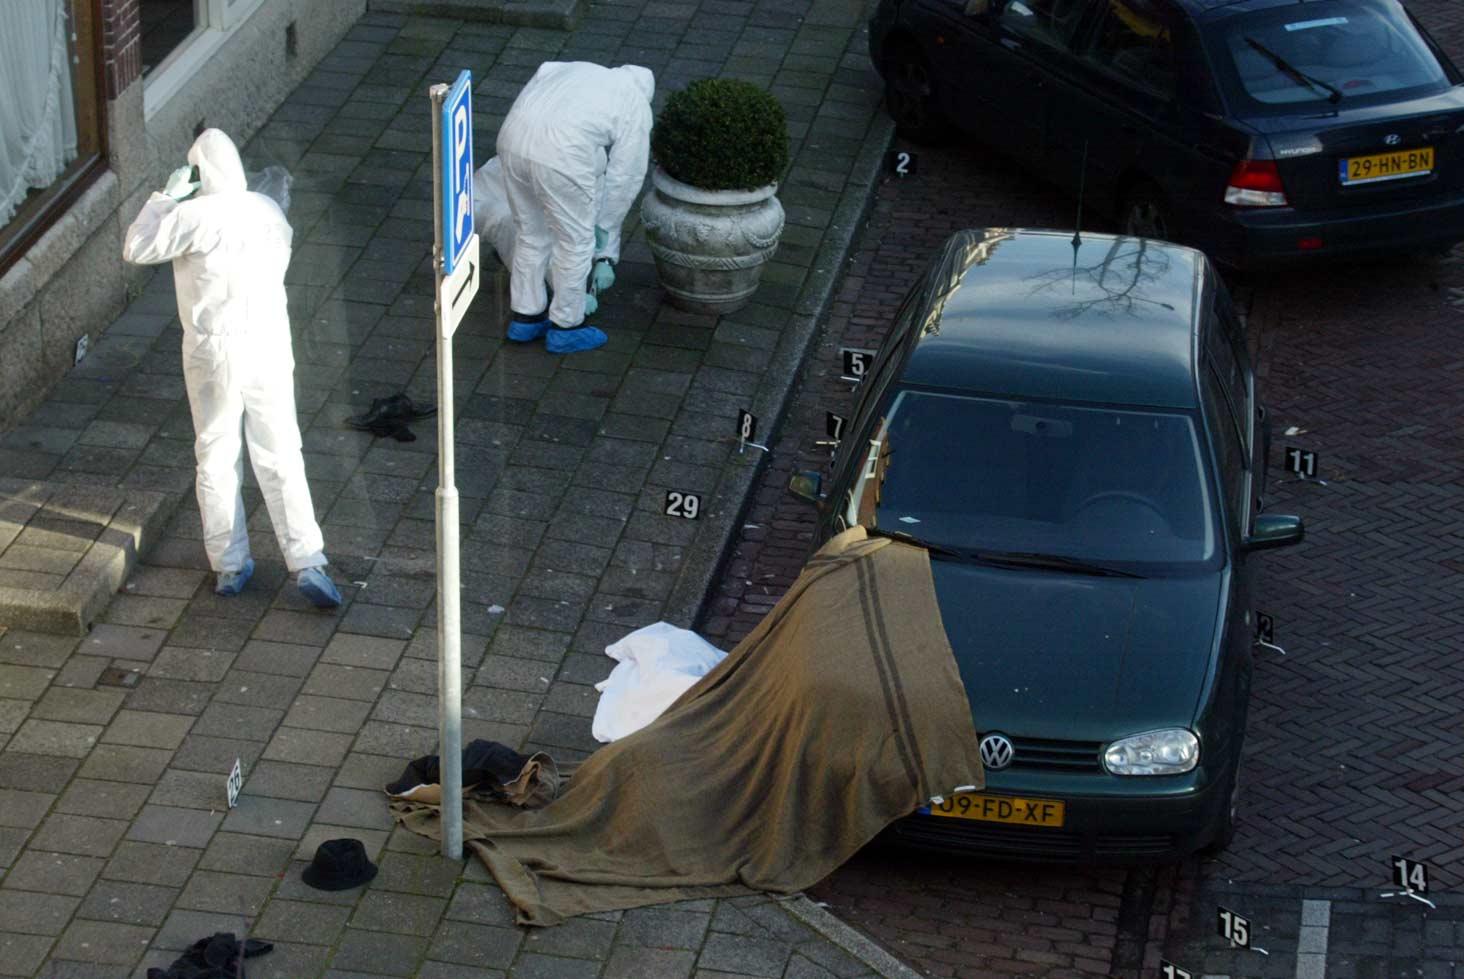 Amsterdamse crimineel Sjaak B. aangehouden voor moord op Cor van Hout